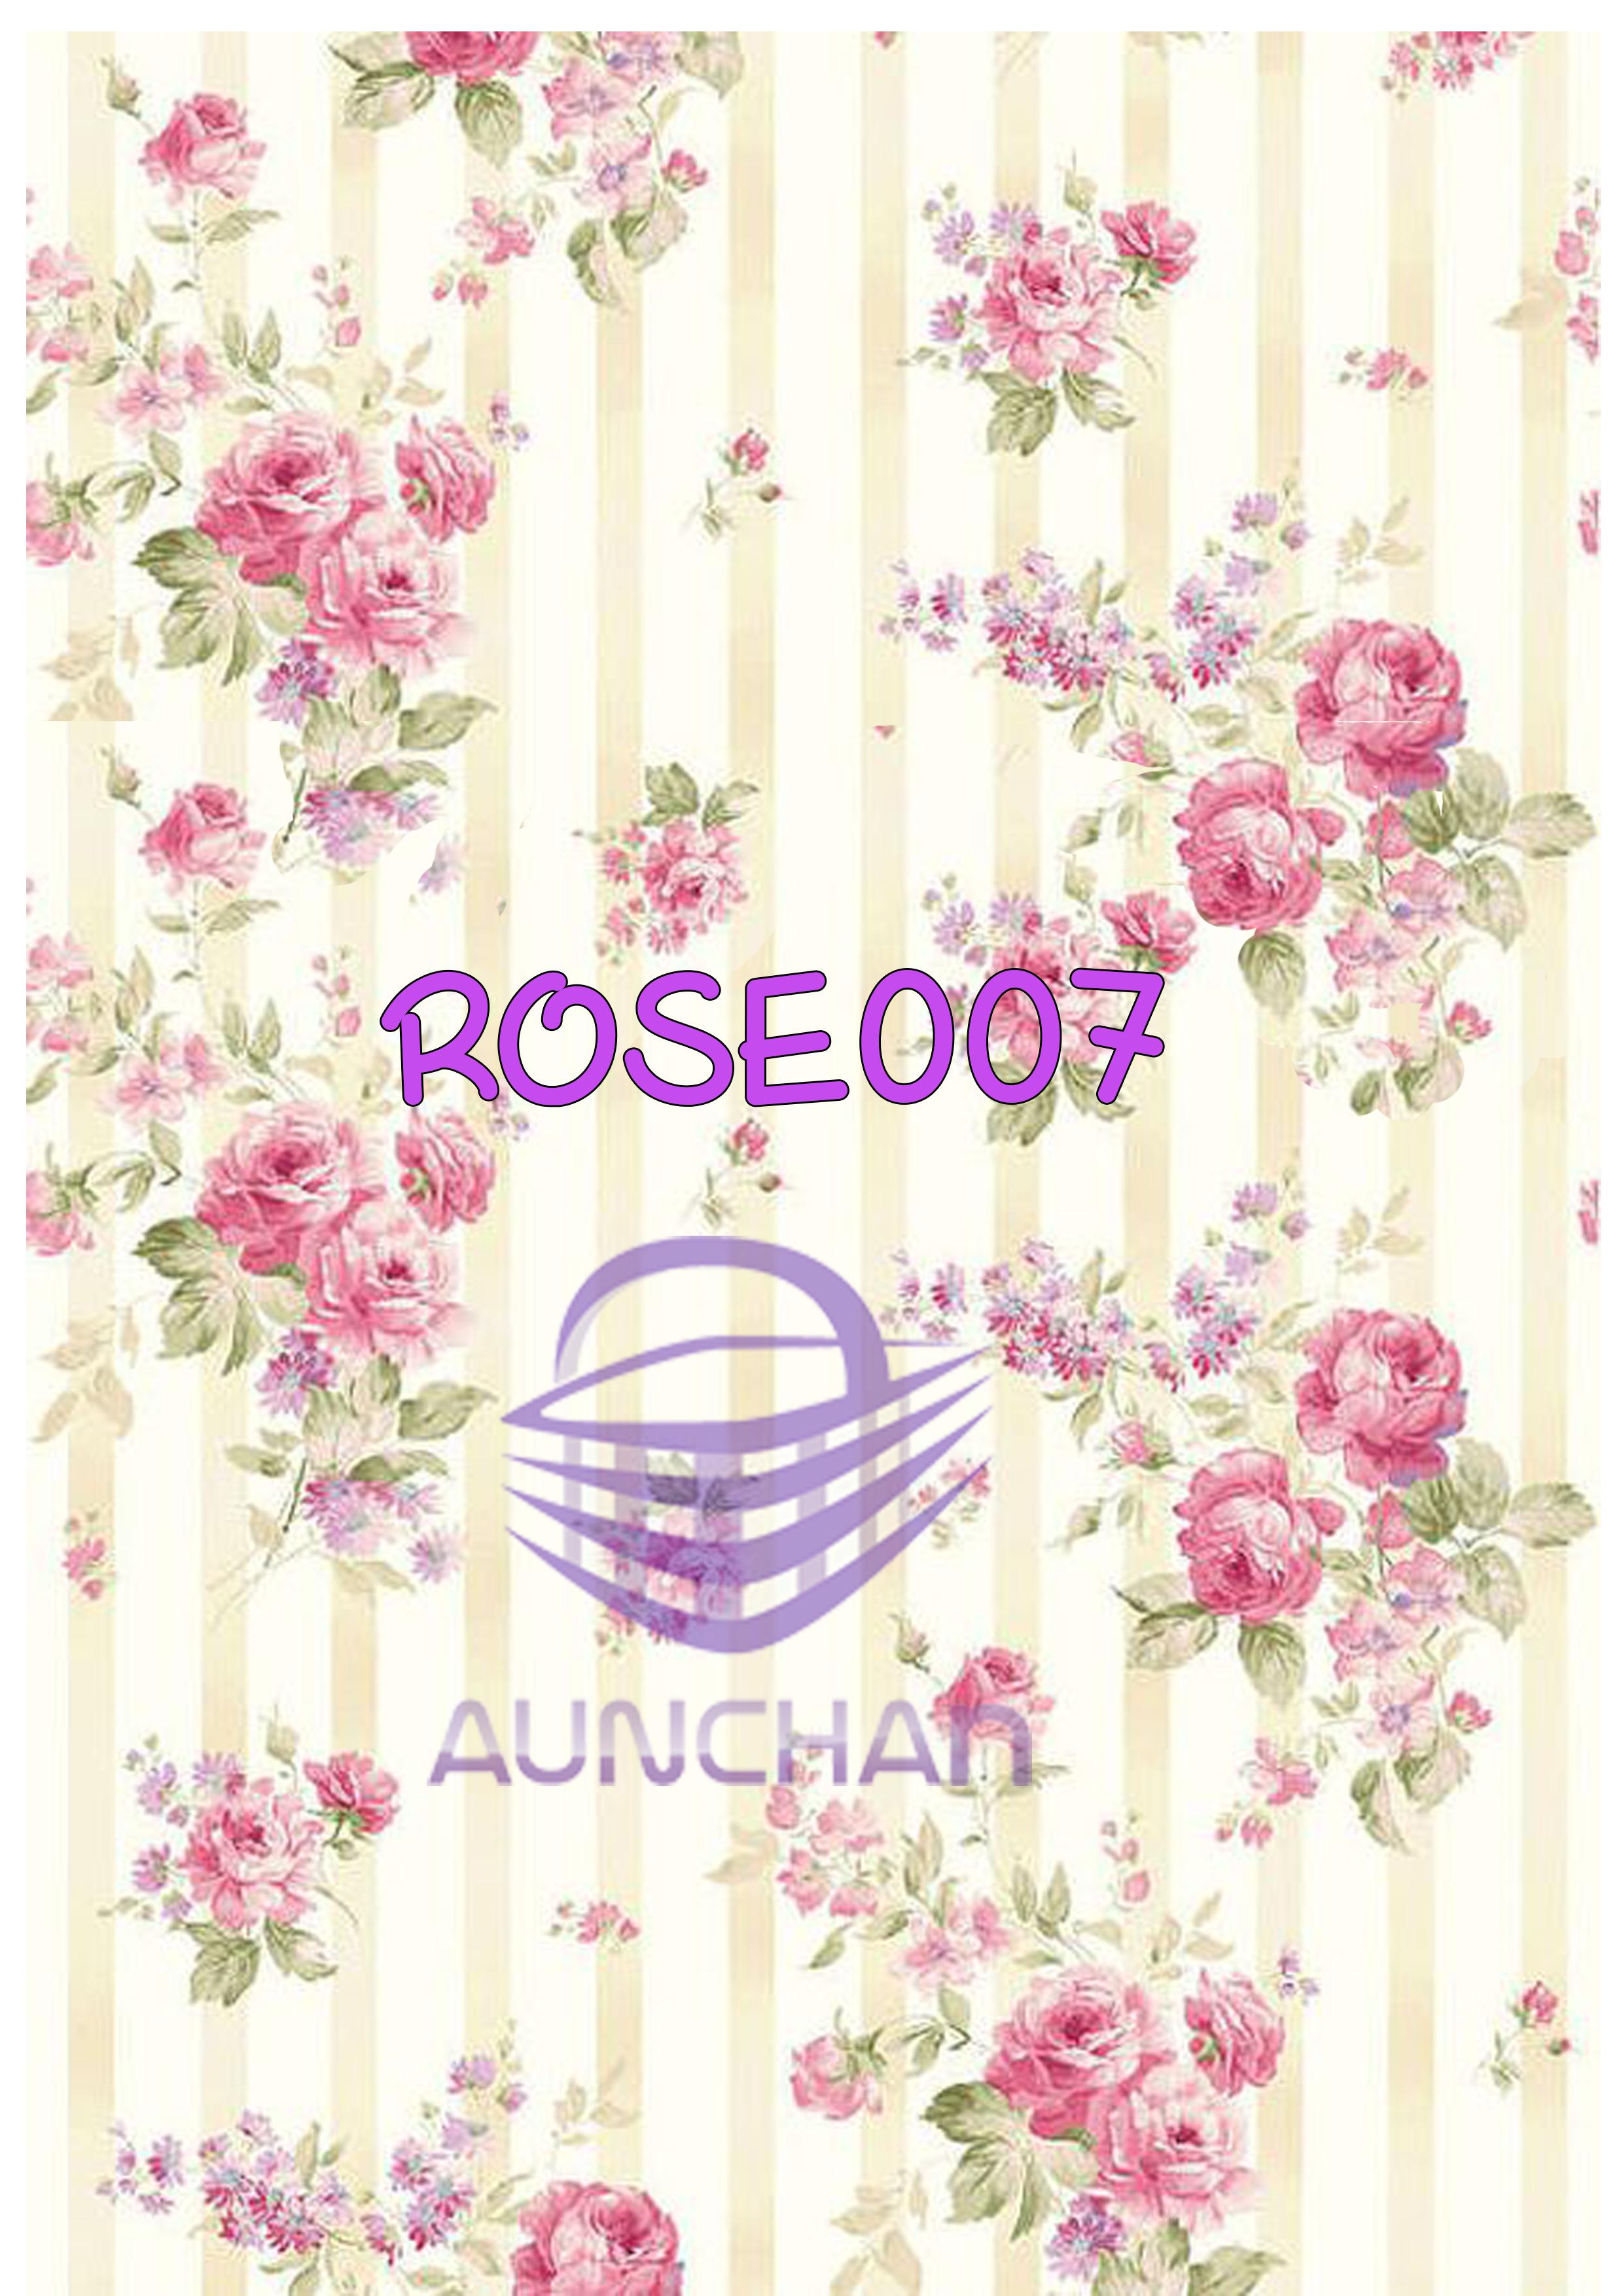 ROSE007 กระดาษแนพกิ้น 21x30ซม. ลายกุหลาบ